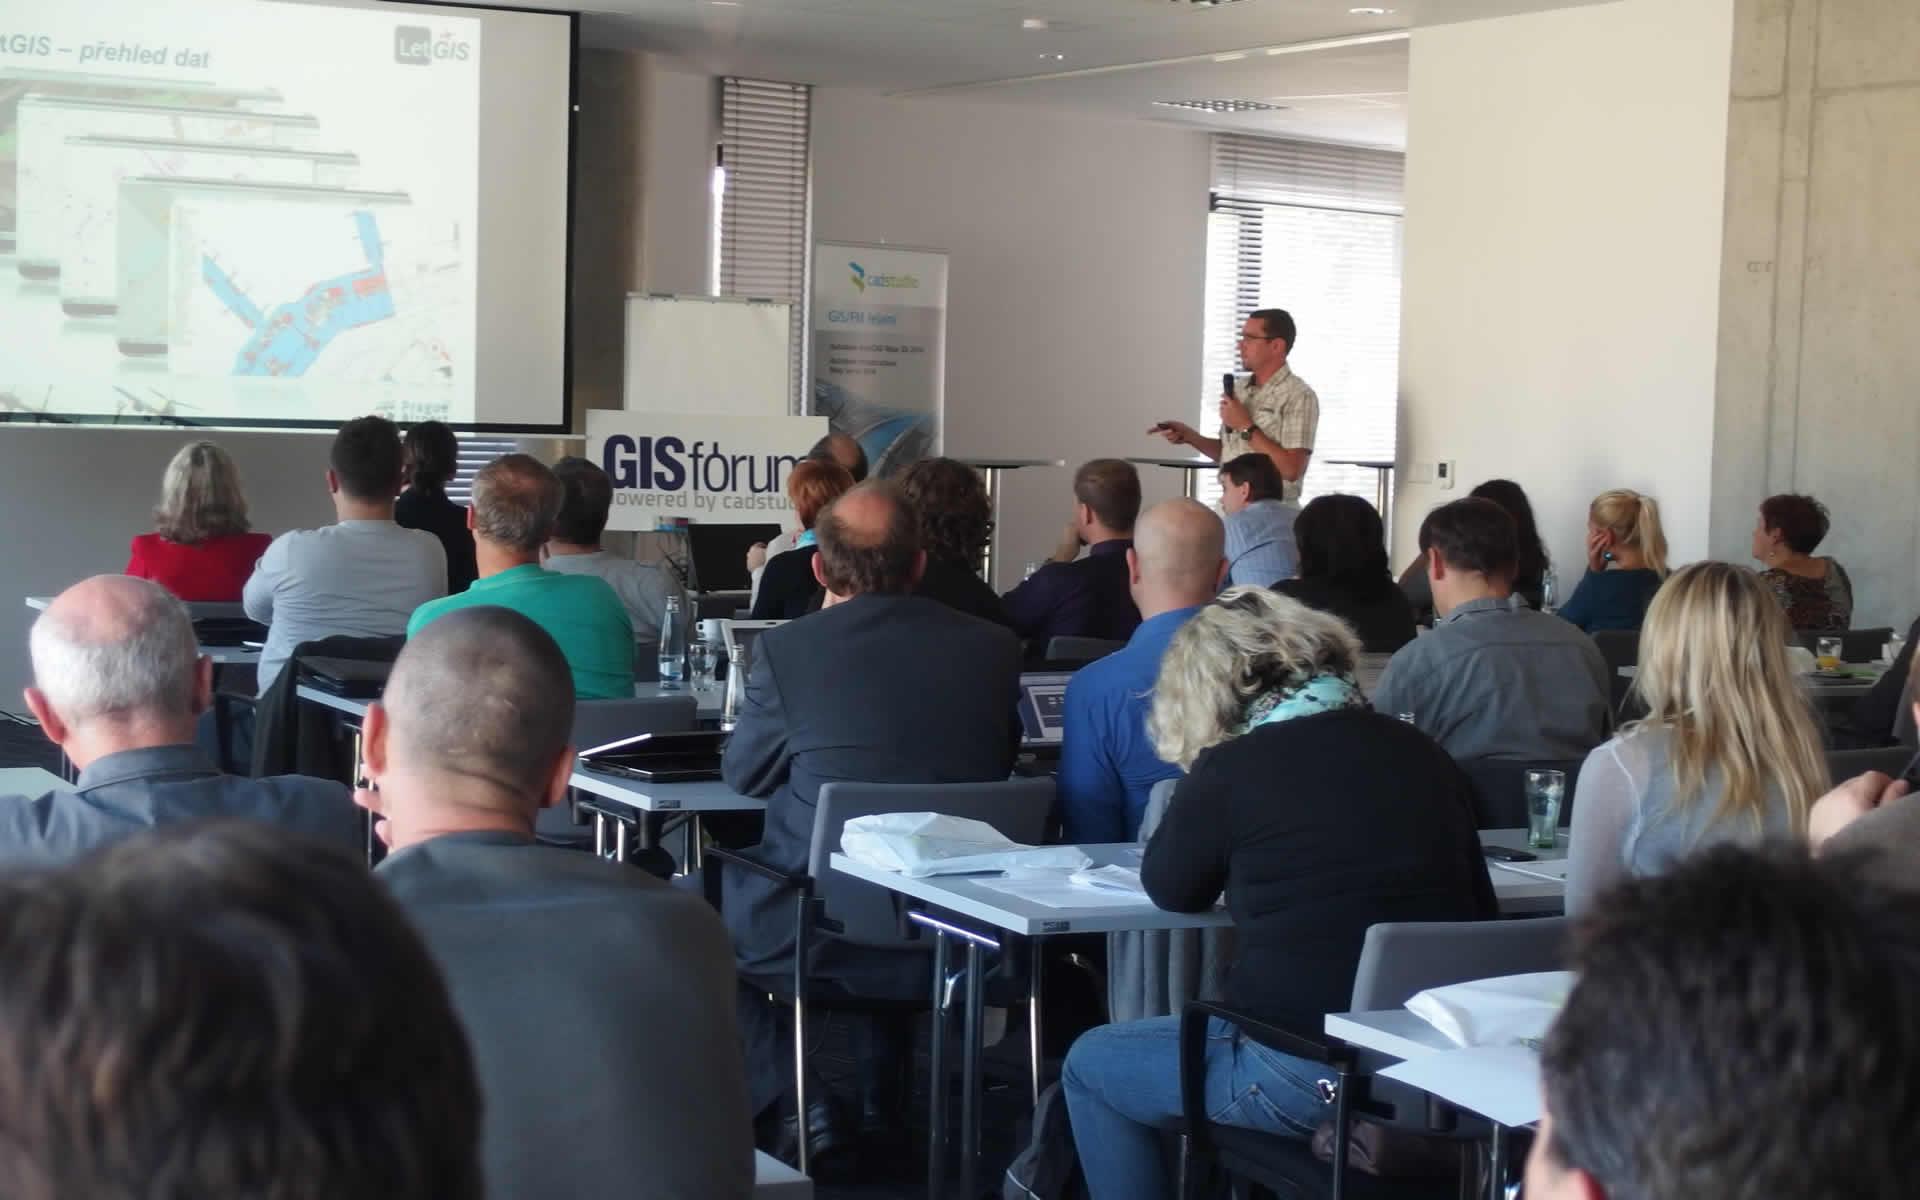 konference-gis-forum-2021-ucastnici-g